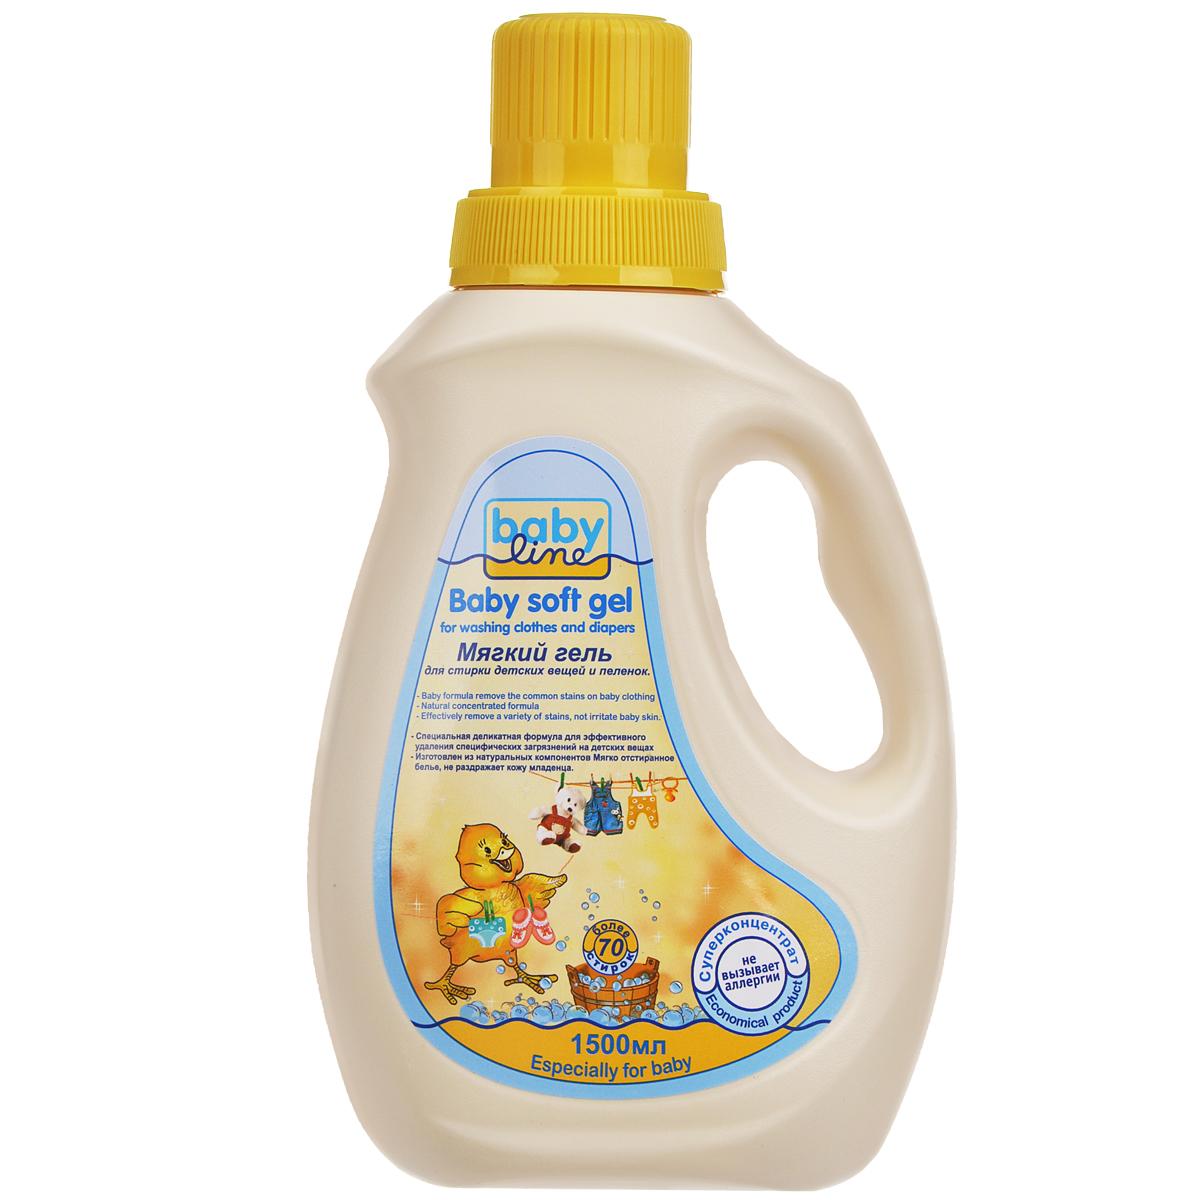 BabyLine Мягкий гель для стирки детских вещей и пеленок, 1,5 л182733448Мягкий гель BabyLine позволяет эффективно защищать одежду ребенка от разнообразных бактерий. Экстракт хлопка, содержащийся в продукте, проникает в ткань, смягчая и улучшая текстуру волокон, улучшает яркость и придает свежесть одежде после стирки. В гель также добавлен компонент для ухода за кожей, так что ваши руки будут надежно защищены во время стирки. После использования геля Babyline не нужно использовать кондиционеры-ополаскиватели. Характеристики: Объем: 1,5 л. Артикул: 182733448. Изготовитель: Германия. Товар сертифицирован.